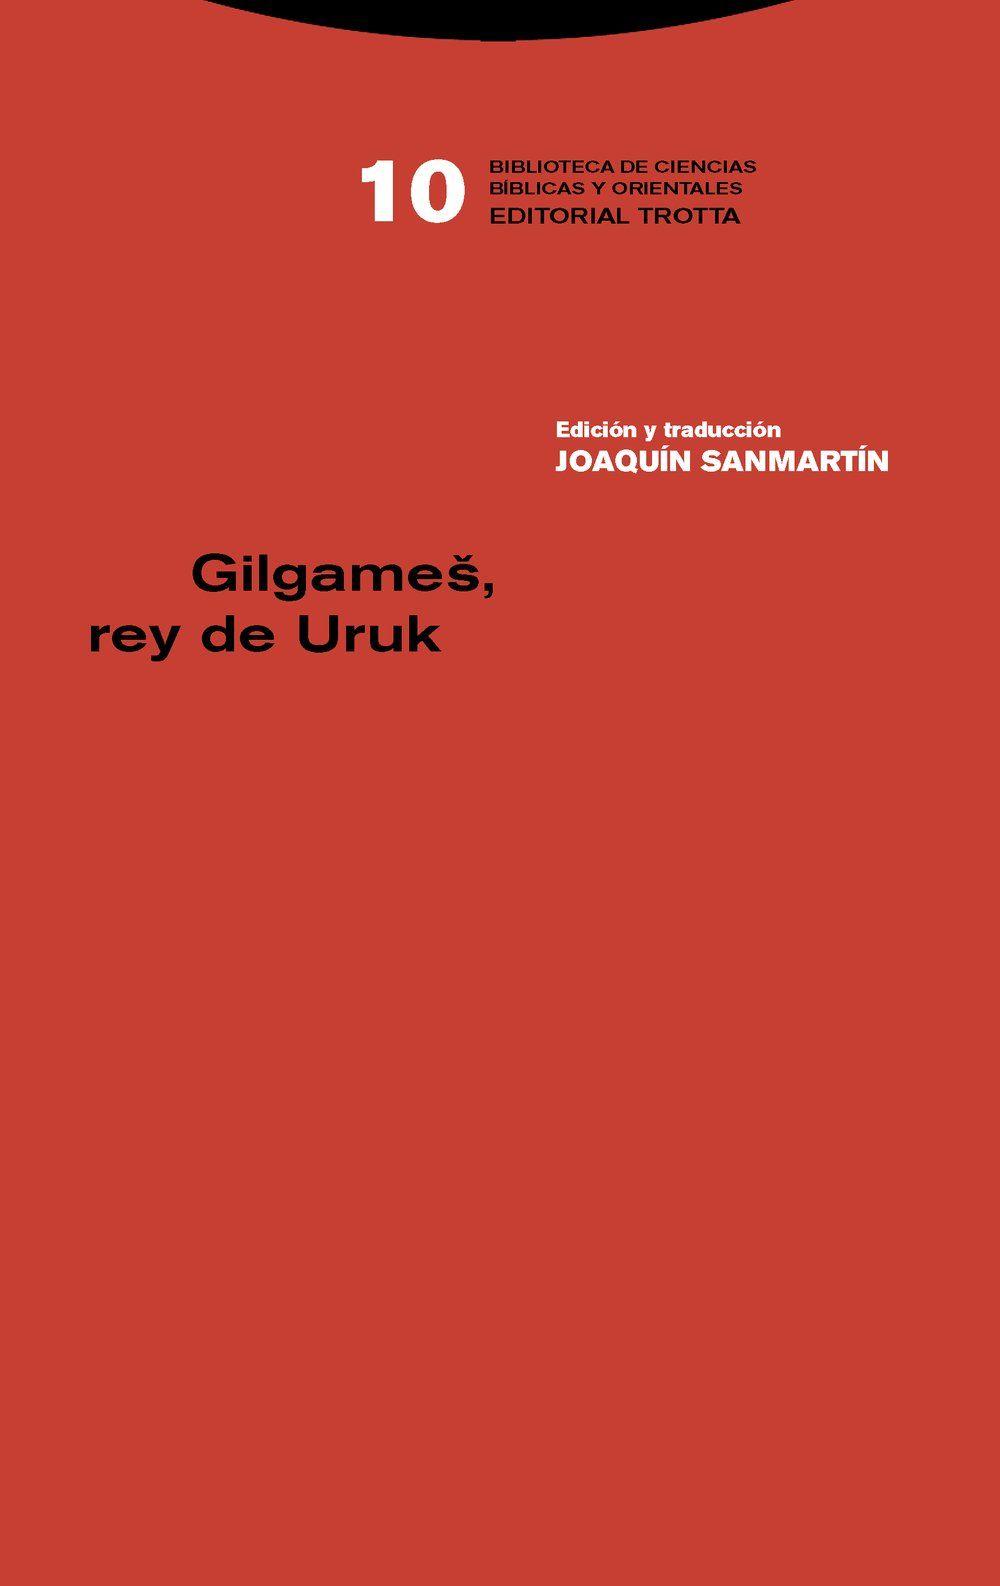 GILGAMEŠ, REY DE URUK